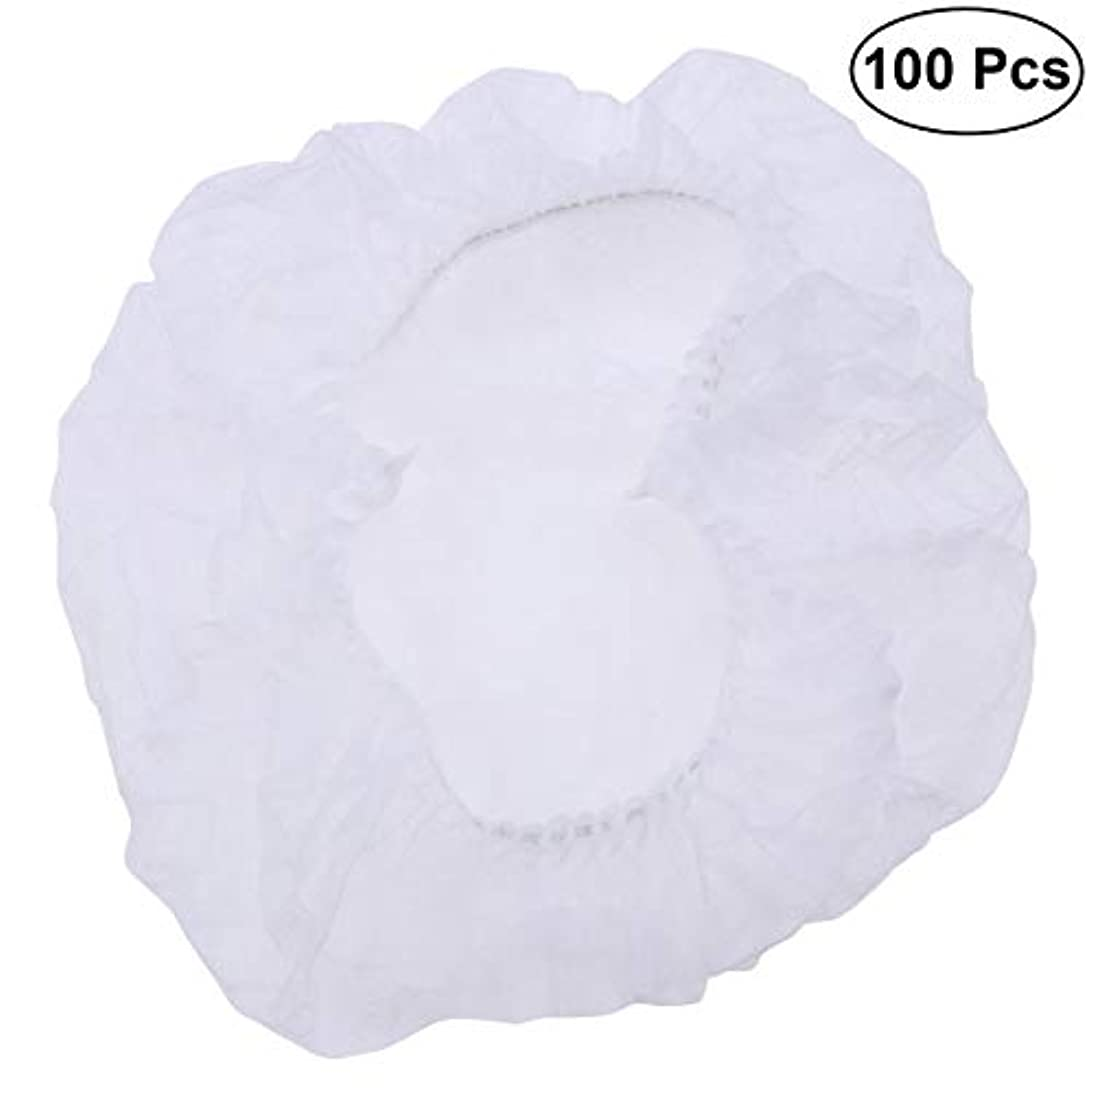 才能恐れ粒子SUPVOX ヘアサロンの家のホテル100pcsのための使い捨て可能なシャワーキャップの伸縮性がある毛の帽子